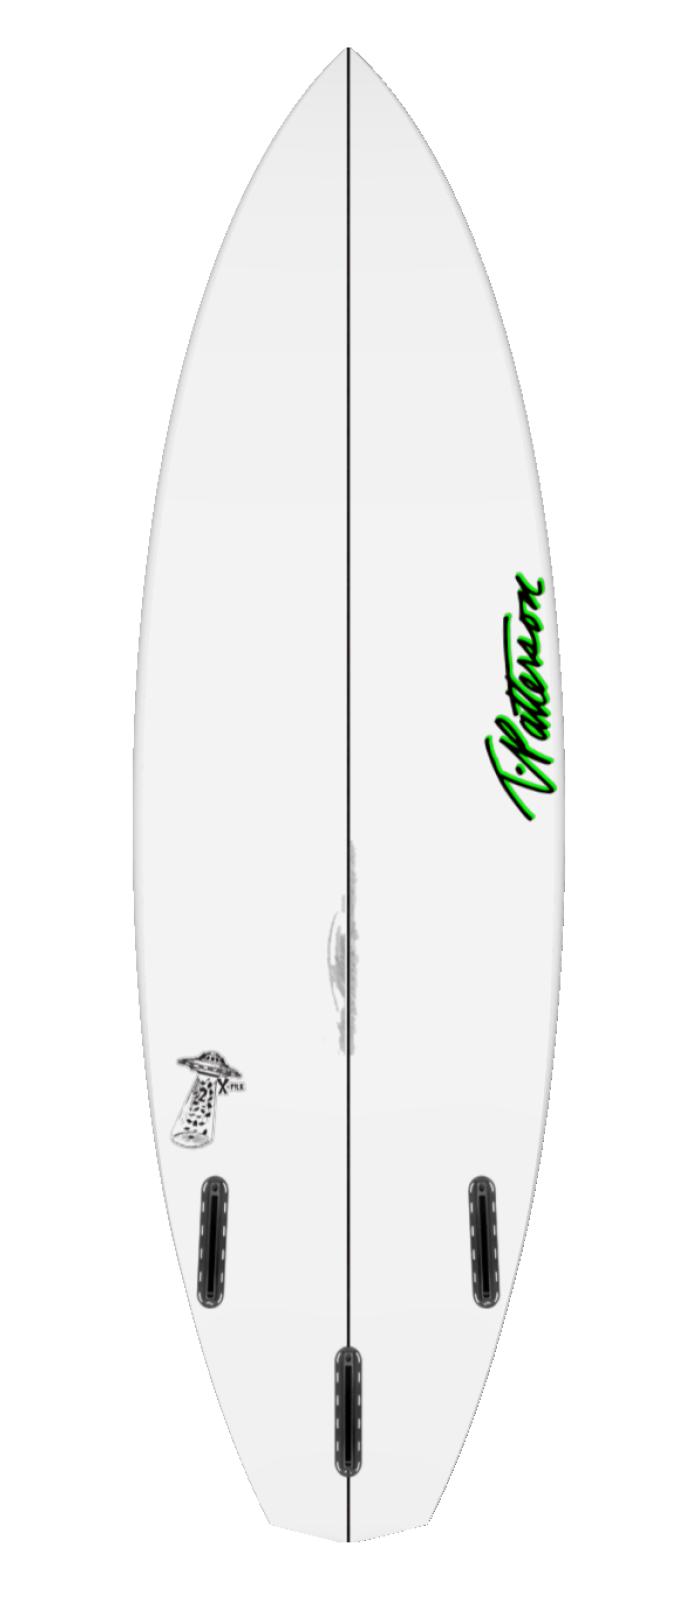 X FILE TWO surfboard model bottom